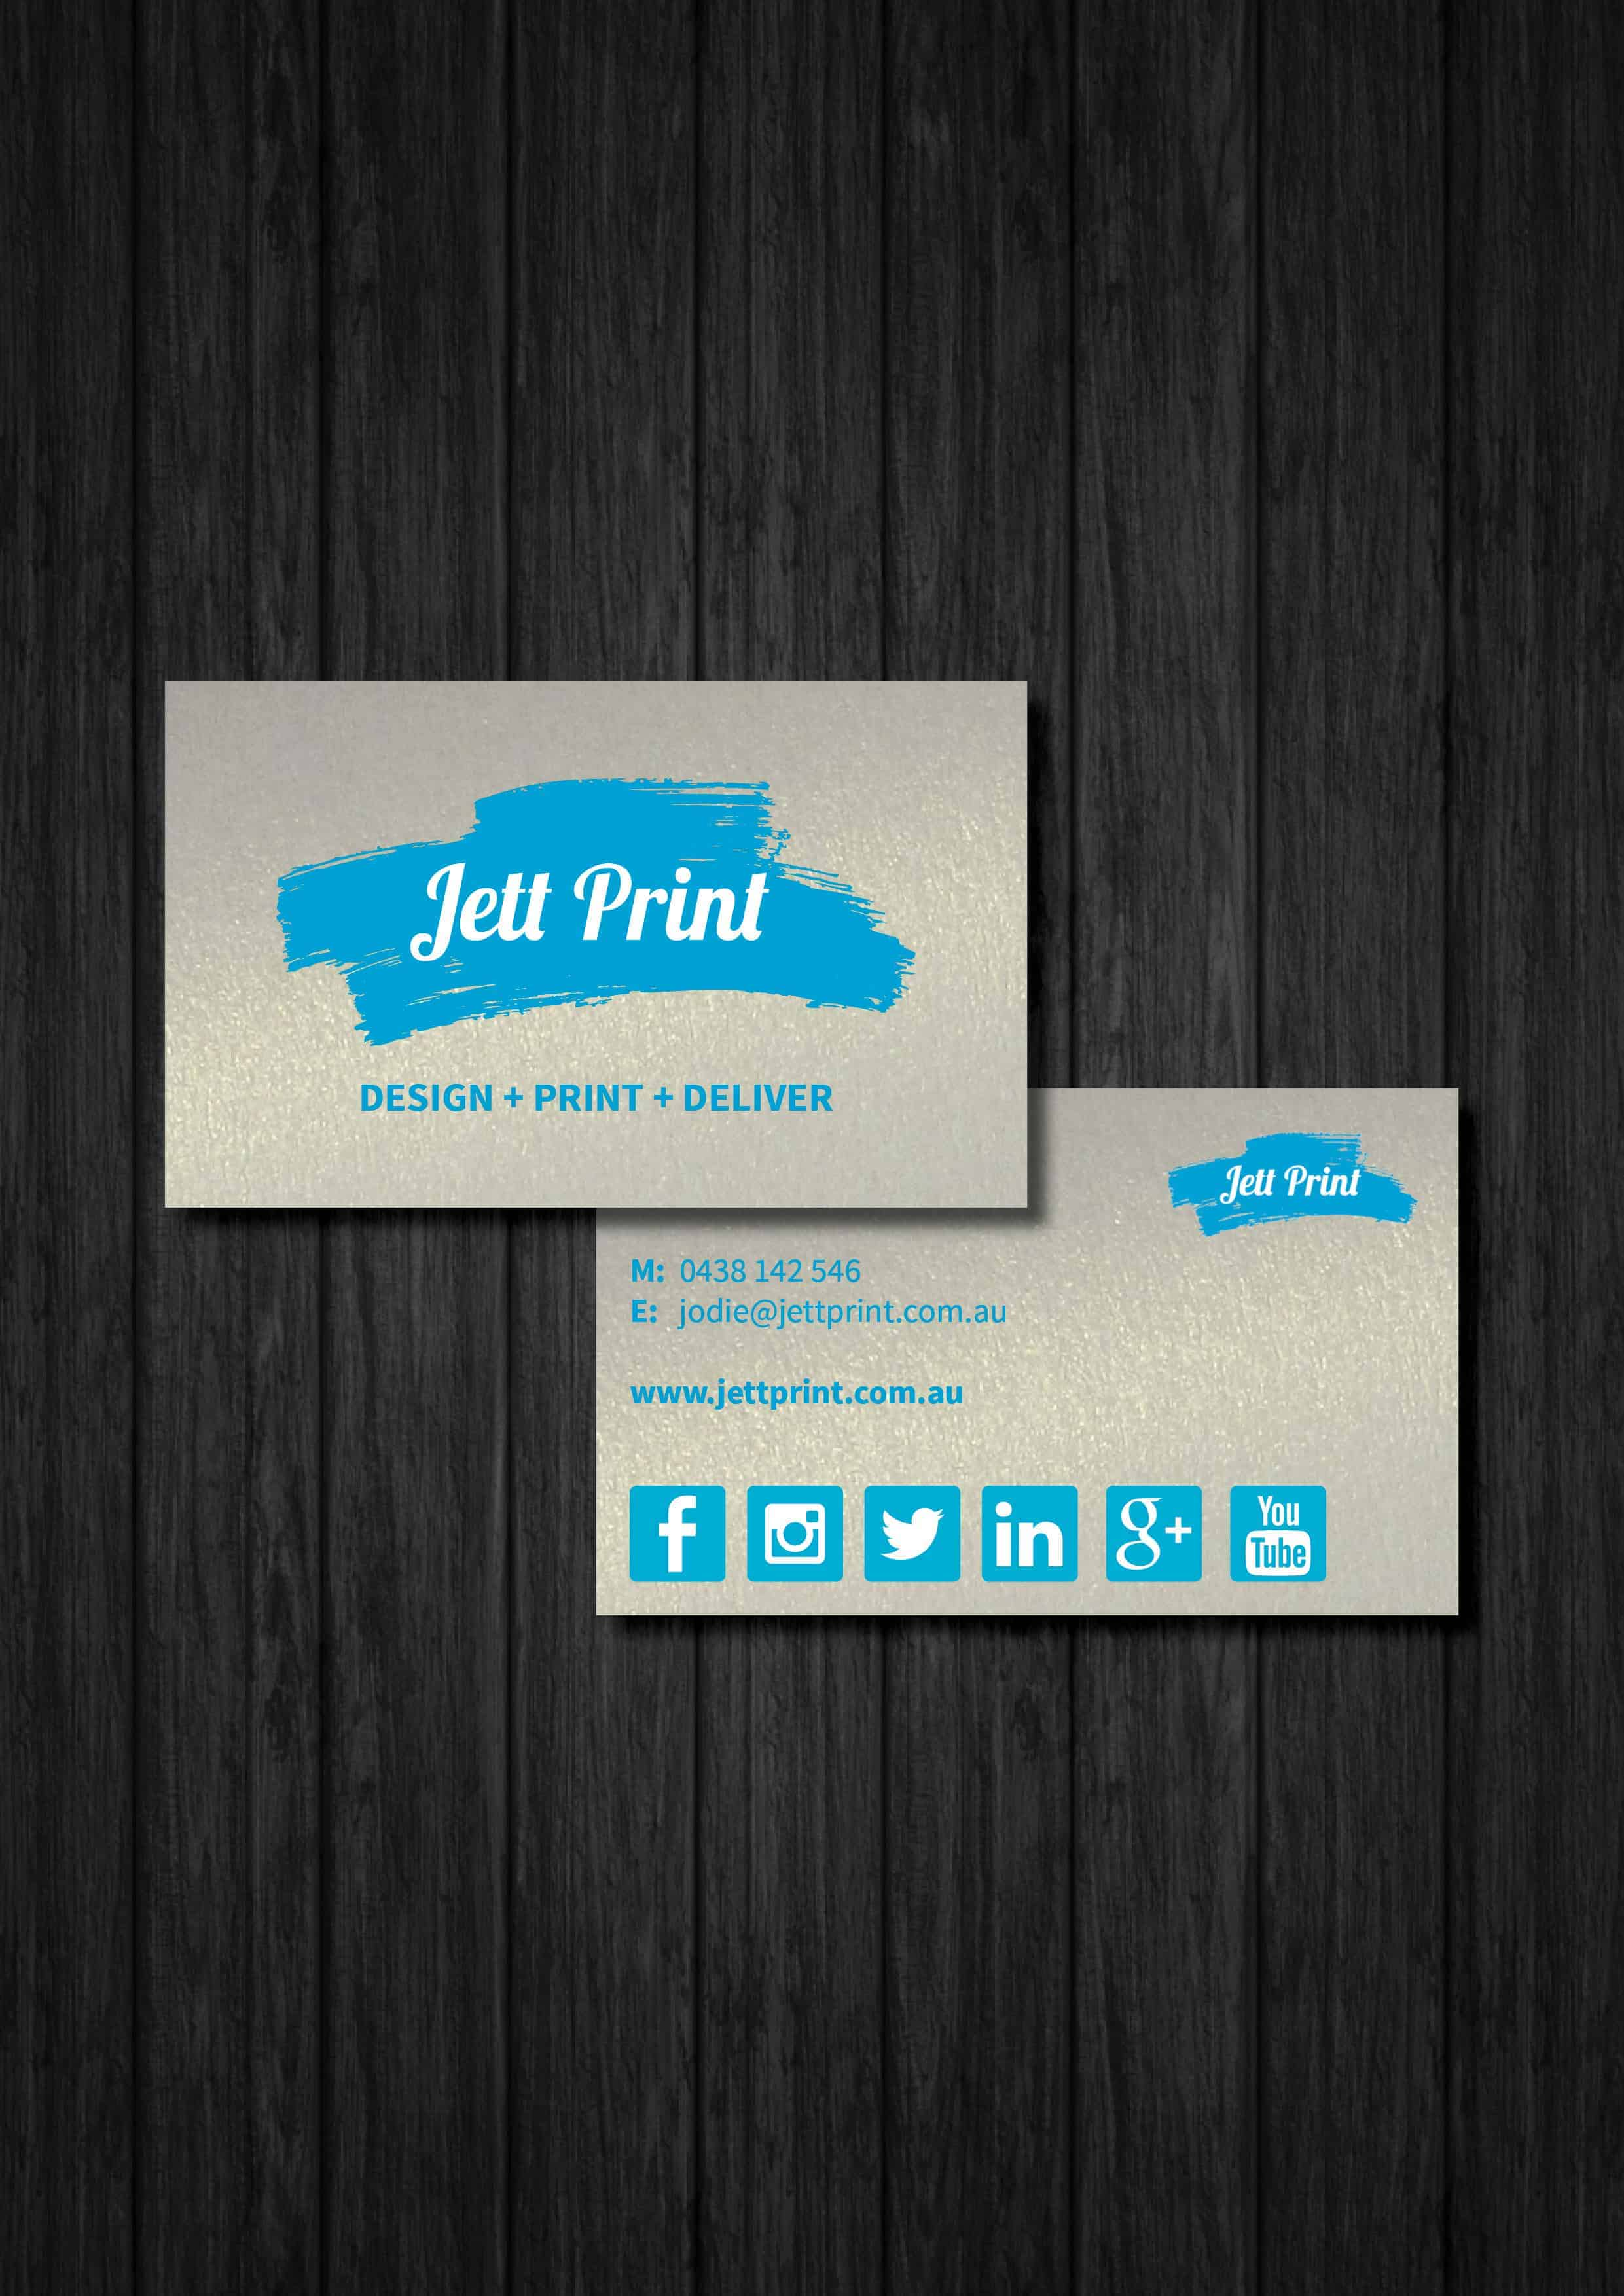 jett-print-metallic-pearl-business-cards